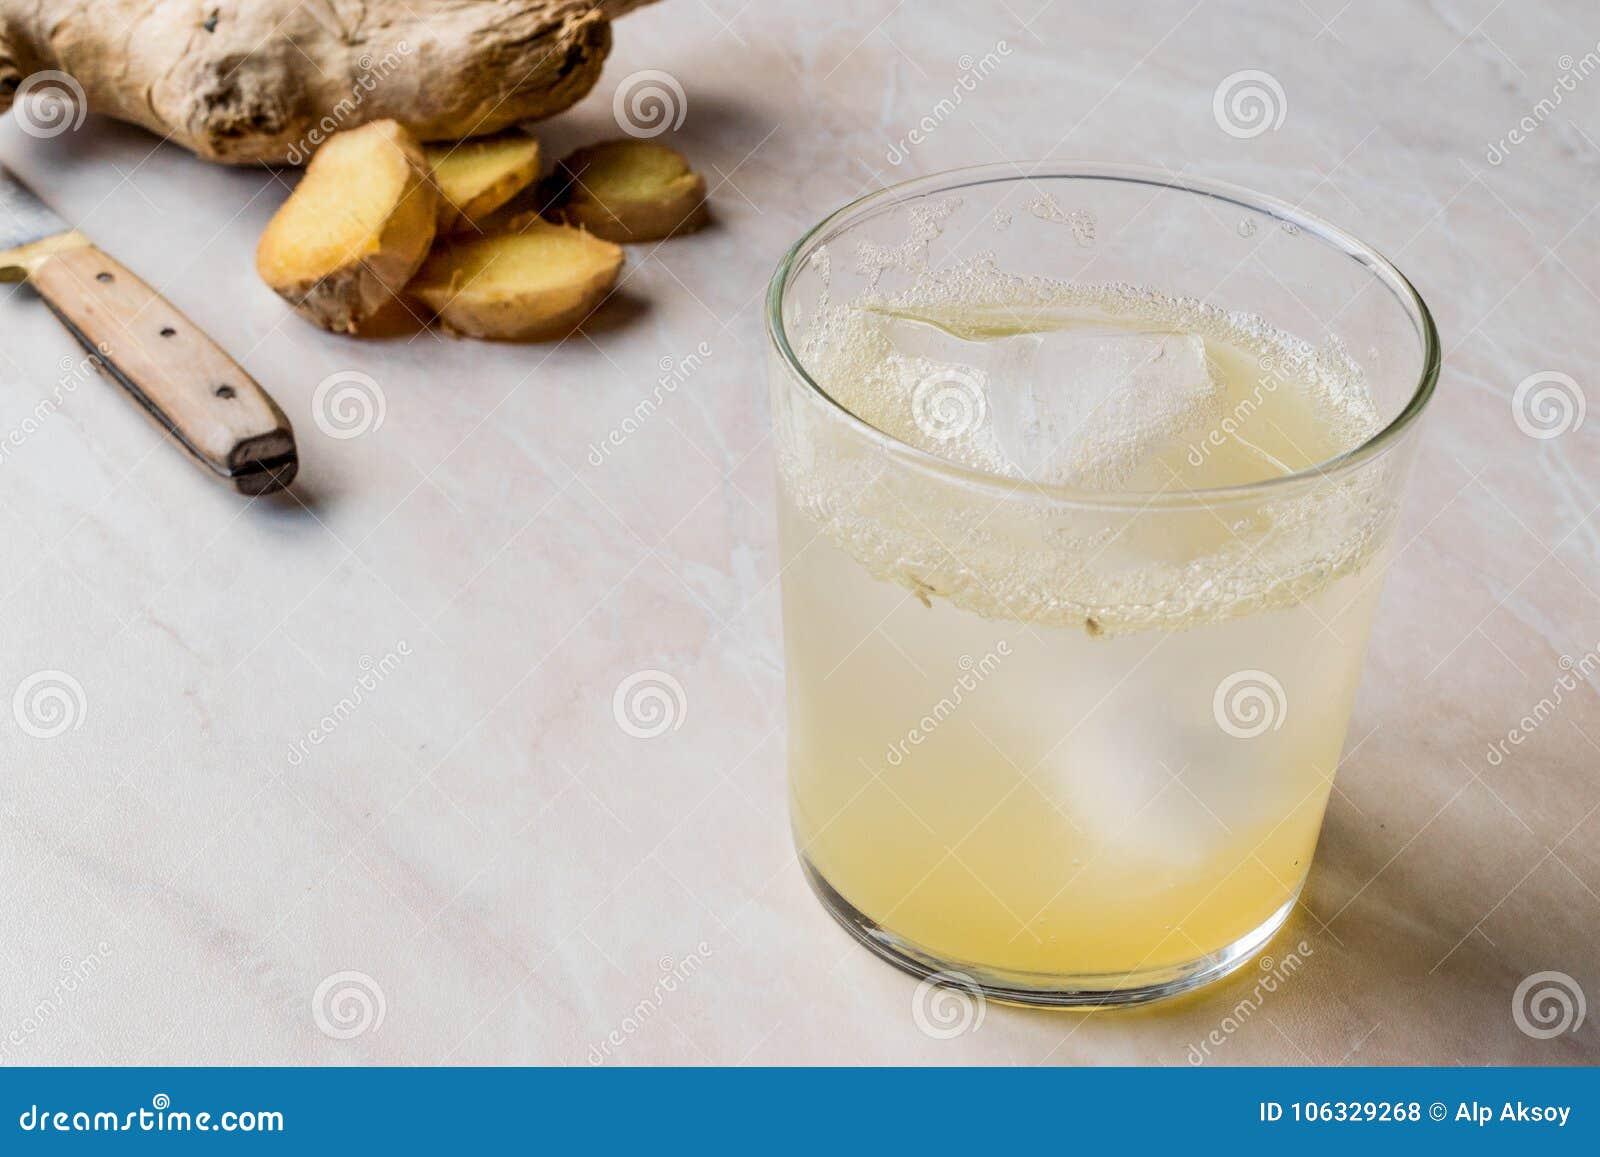 Organiska Ginger Ale Soda Tonic i exponeringsglas som är klart att dricka